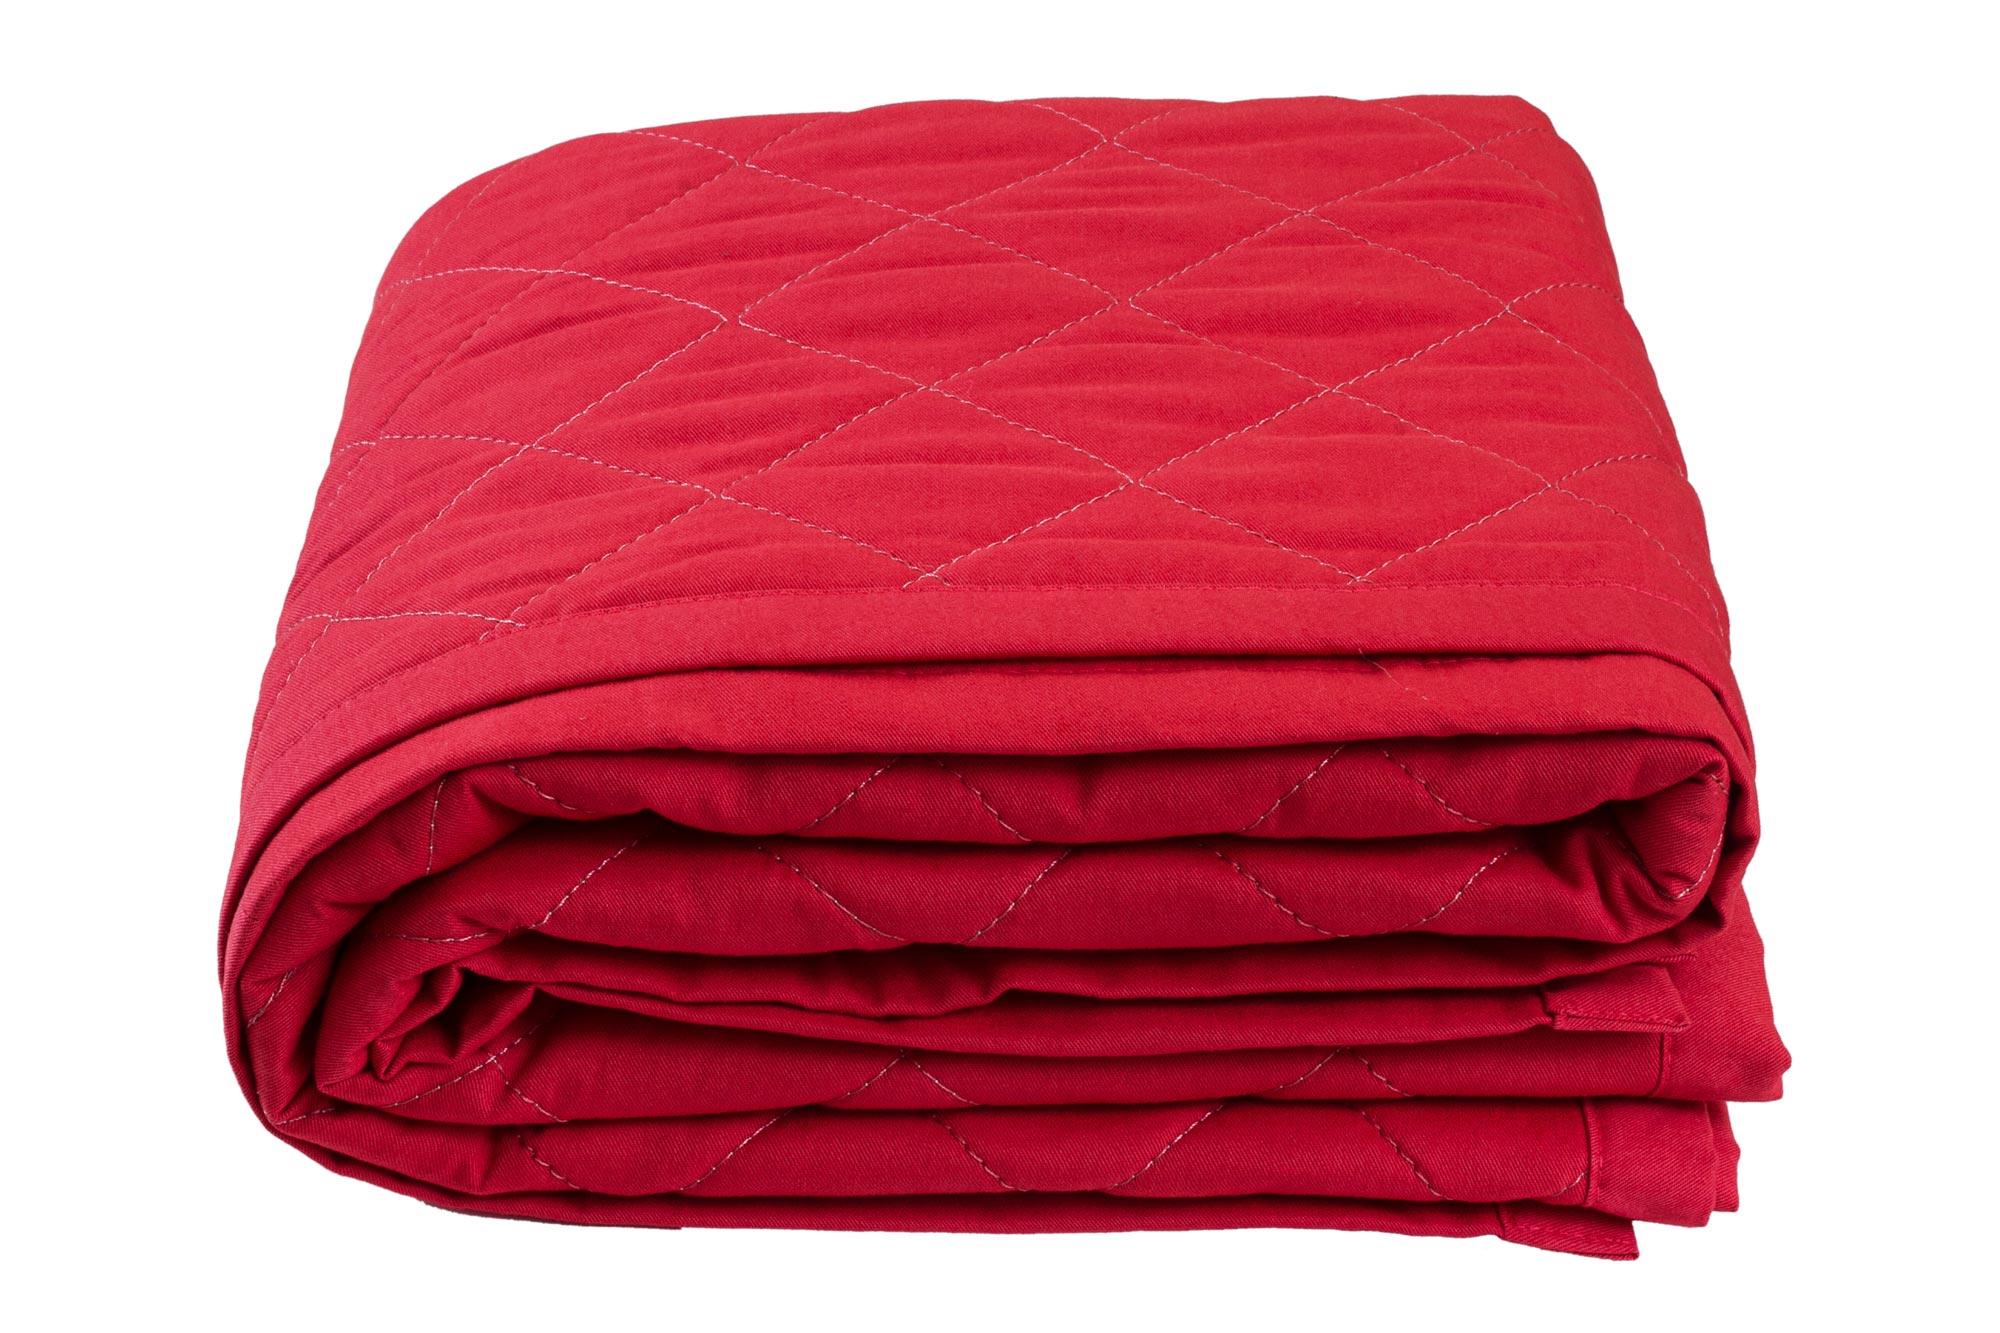 Colcha mini cama goiaba e rosa algodão doce